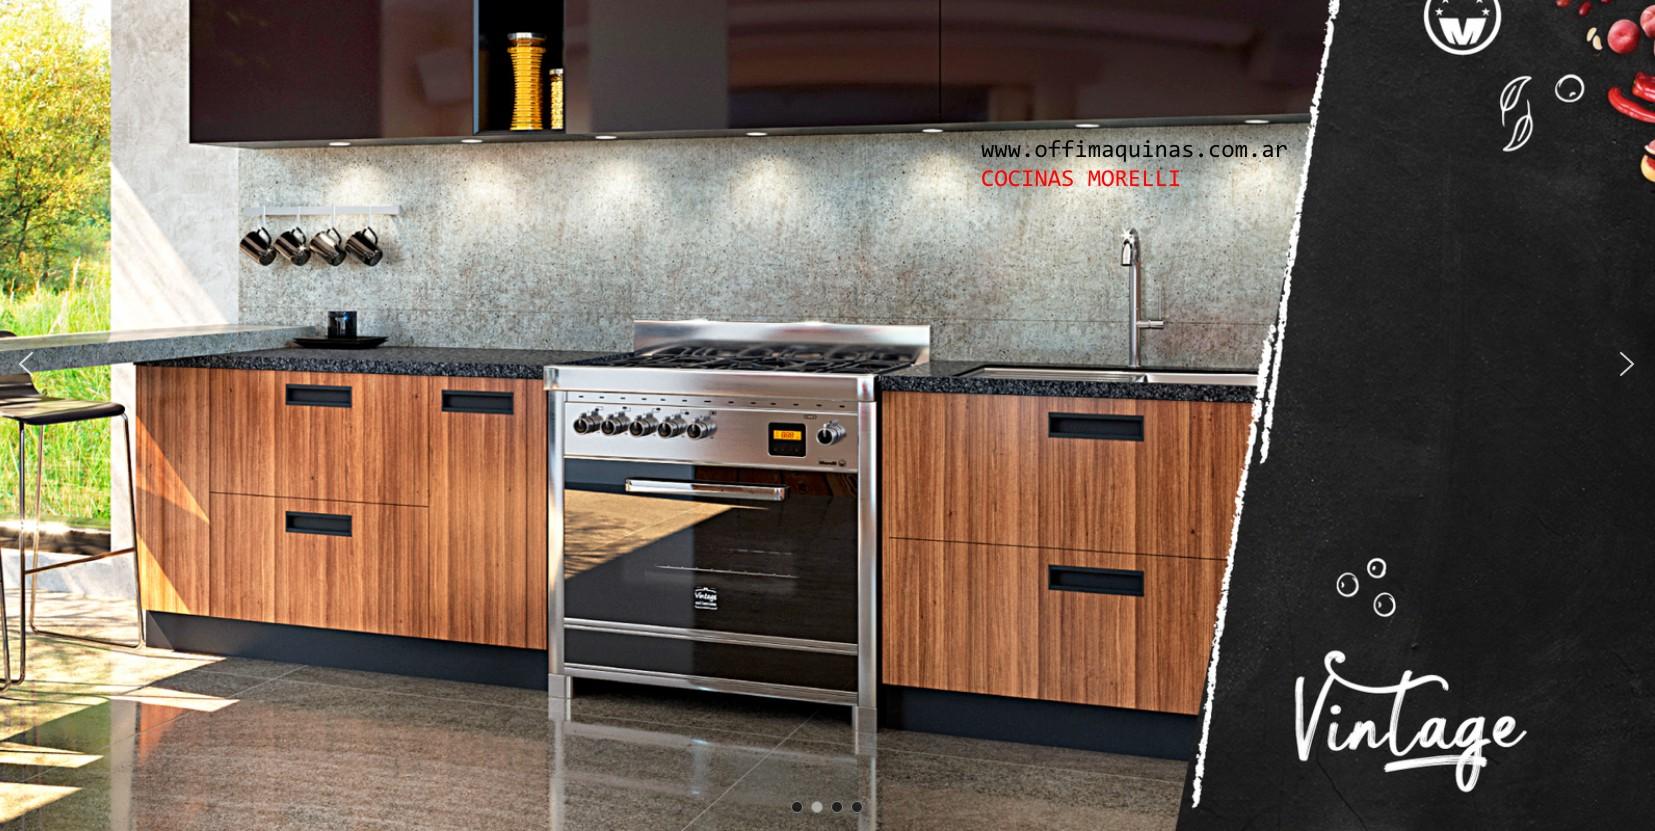 Cocinas semi industriales Morelli Vintage todos los modelos en Showroom Ituzaingó centro Coronel Domingo Trole 1191